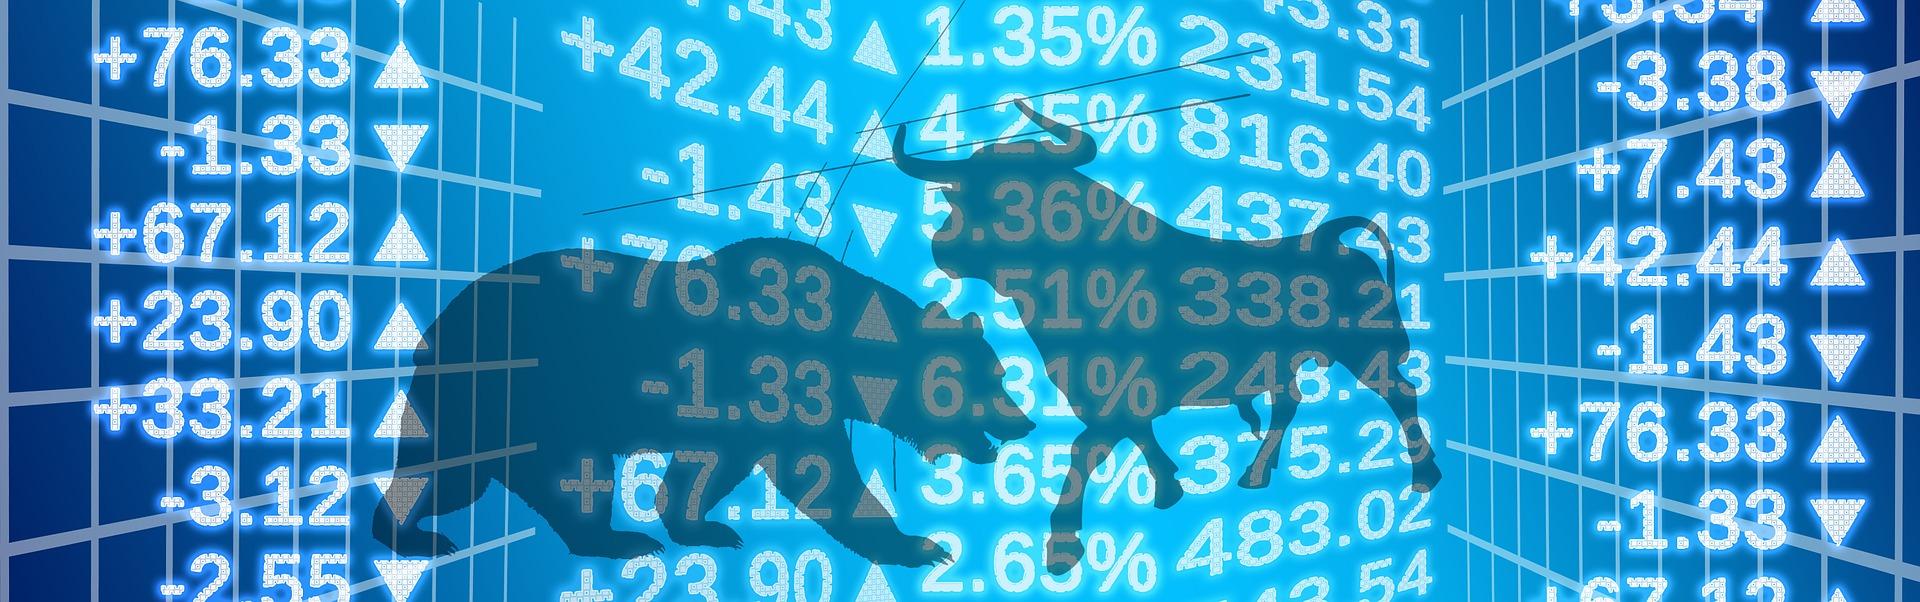 Wertpapierhandel an der Börse - Bulle & Bär an der Börse